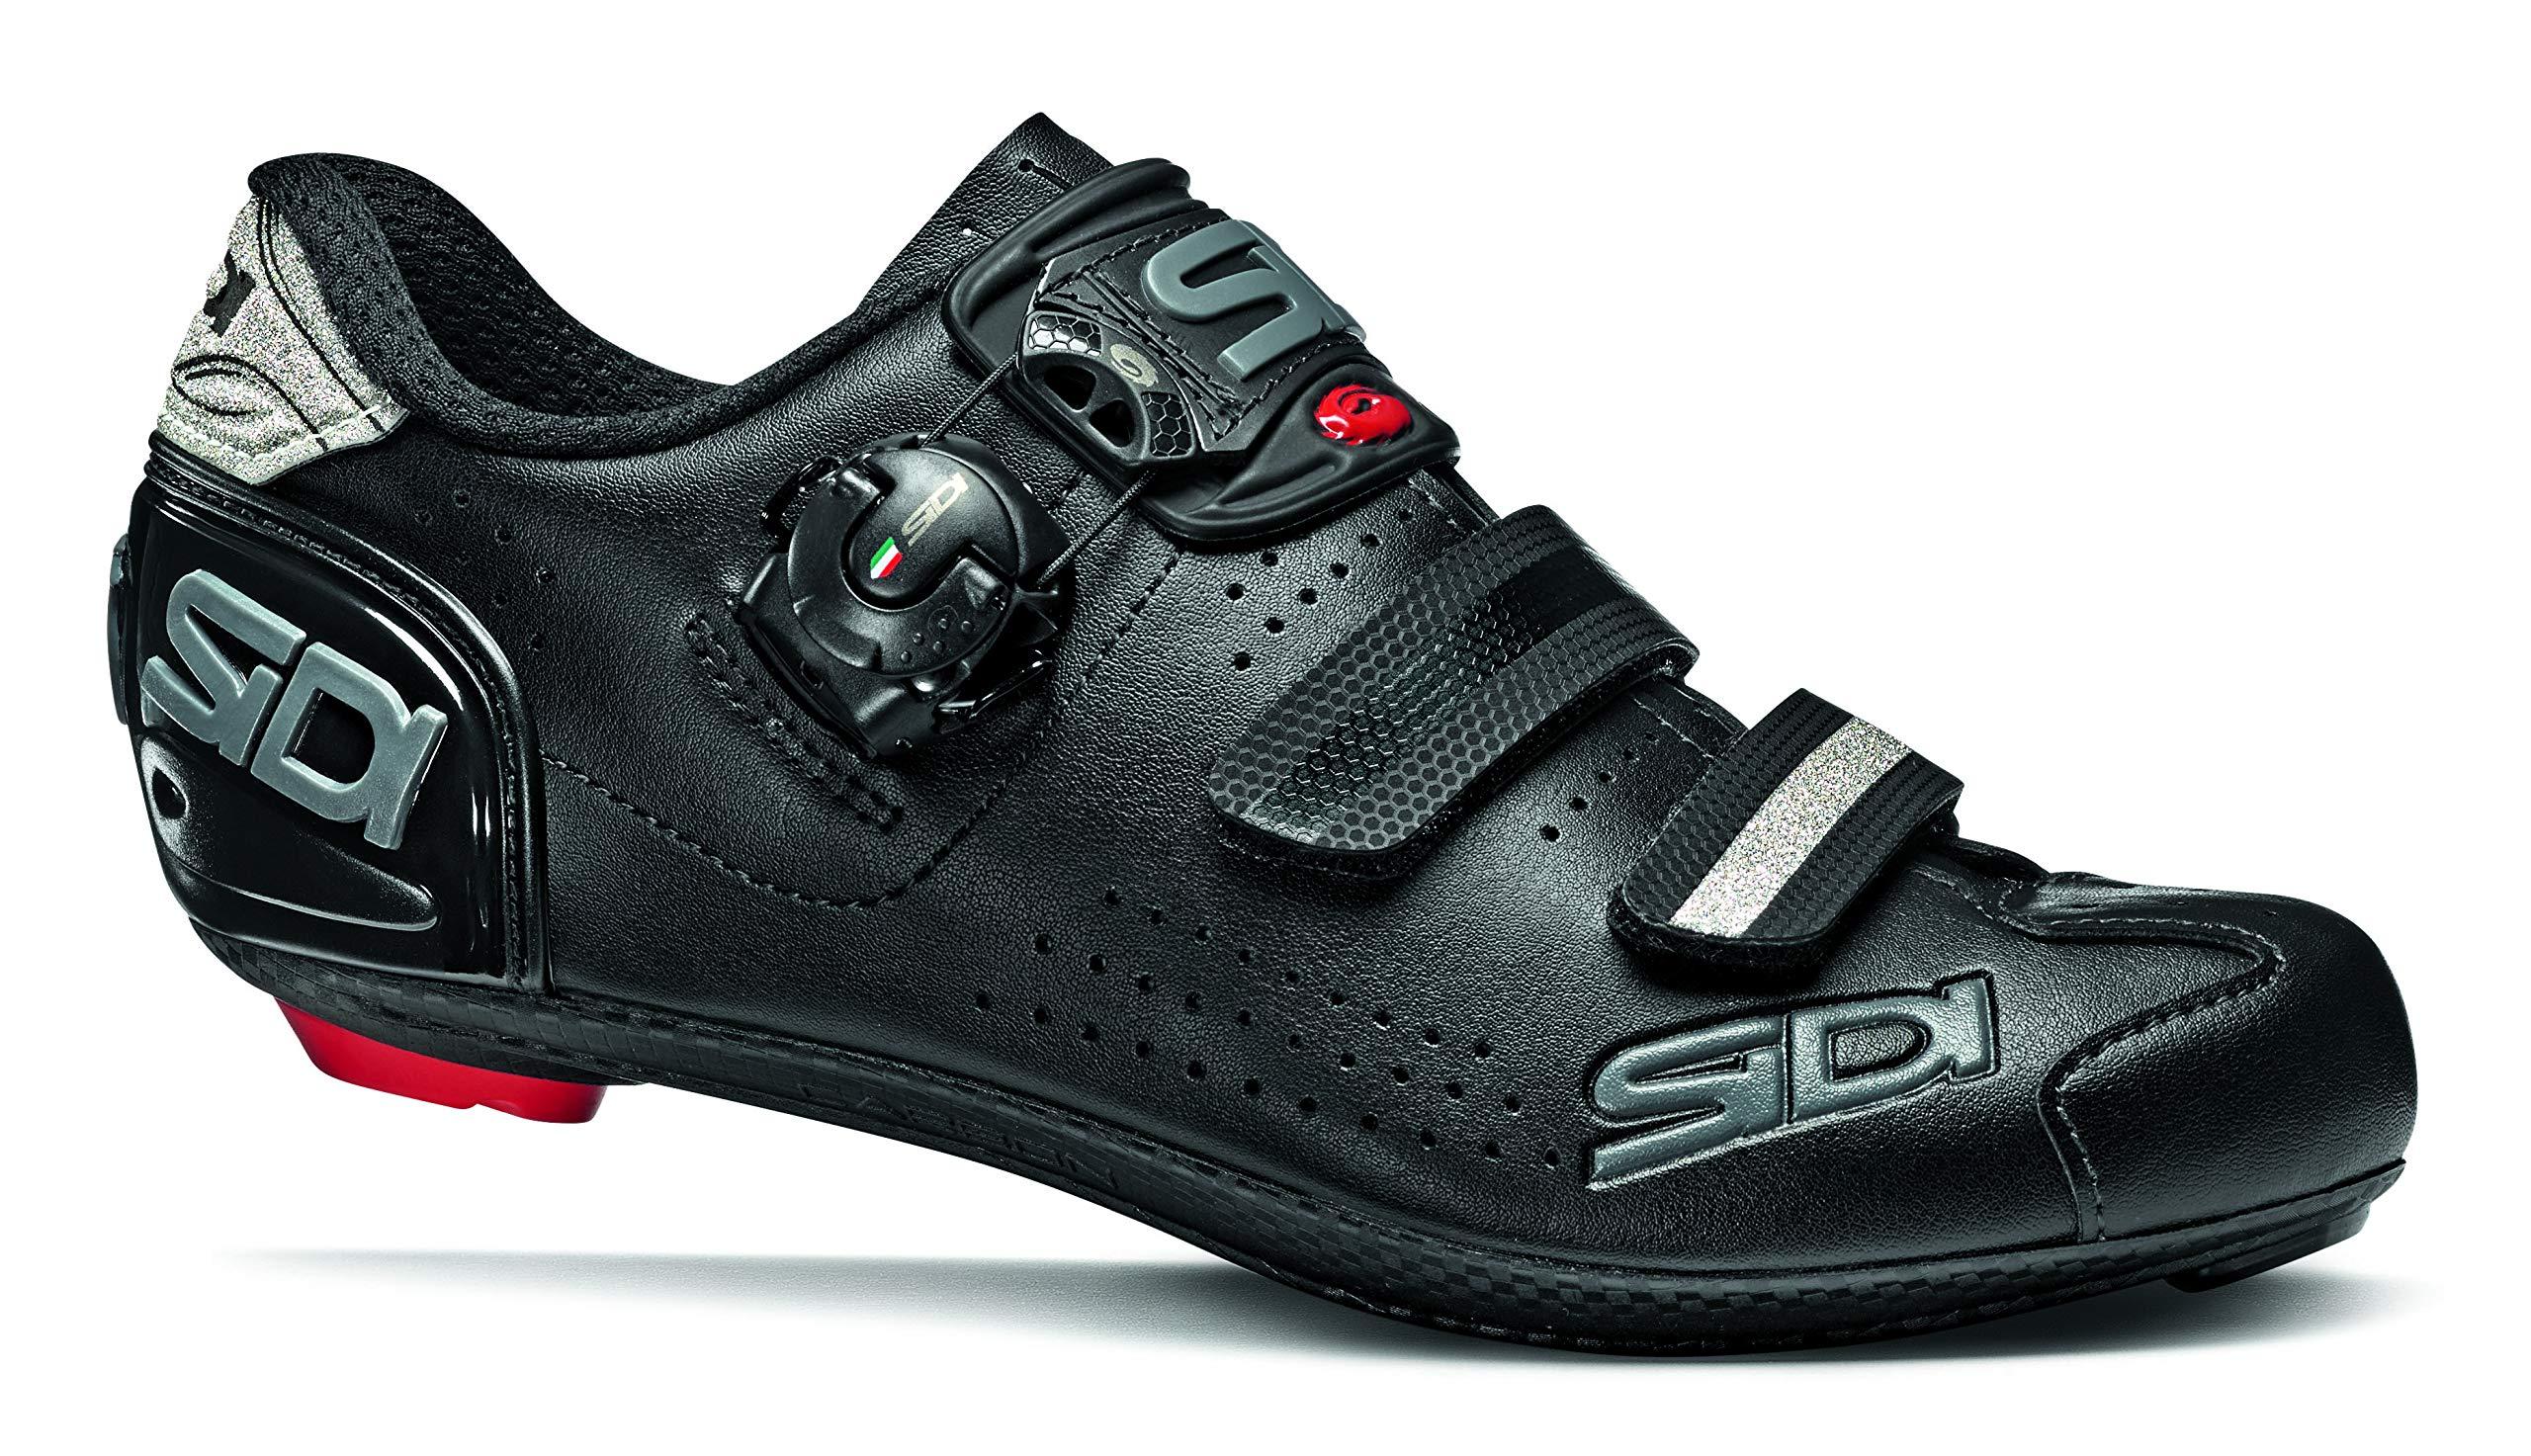 Sidi Alba 2 - Zapatillas de ciclismo para mujer, Negro (Negro/Negro), 35.5 EU: Amazon.es: Zapatos y complementos